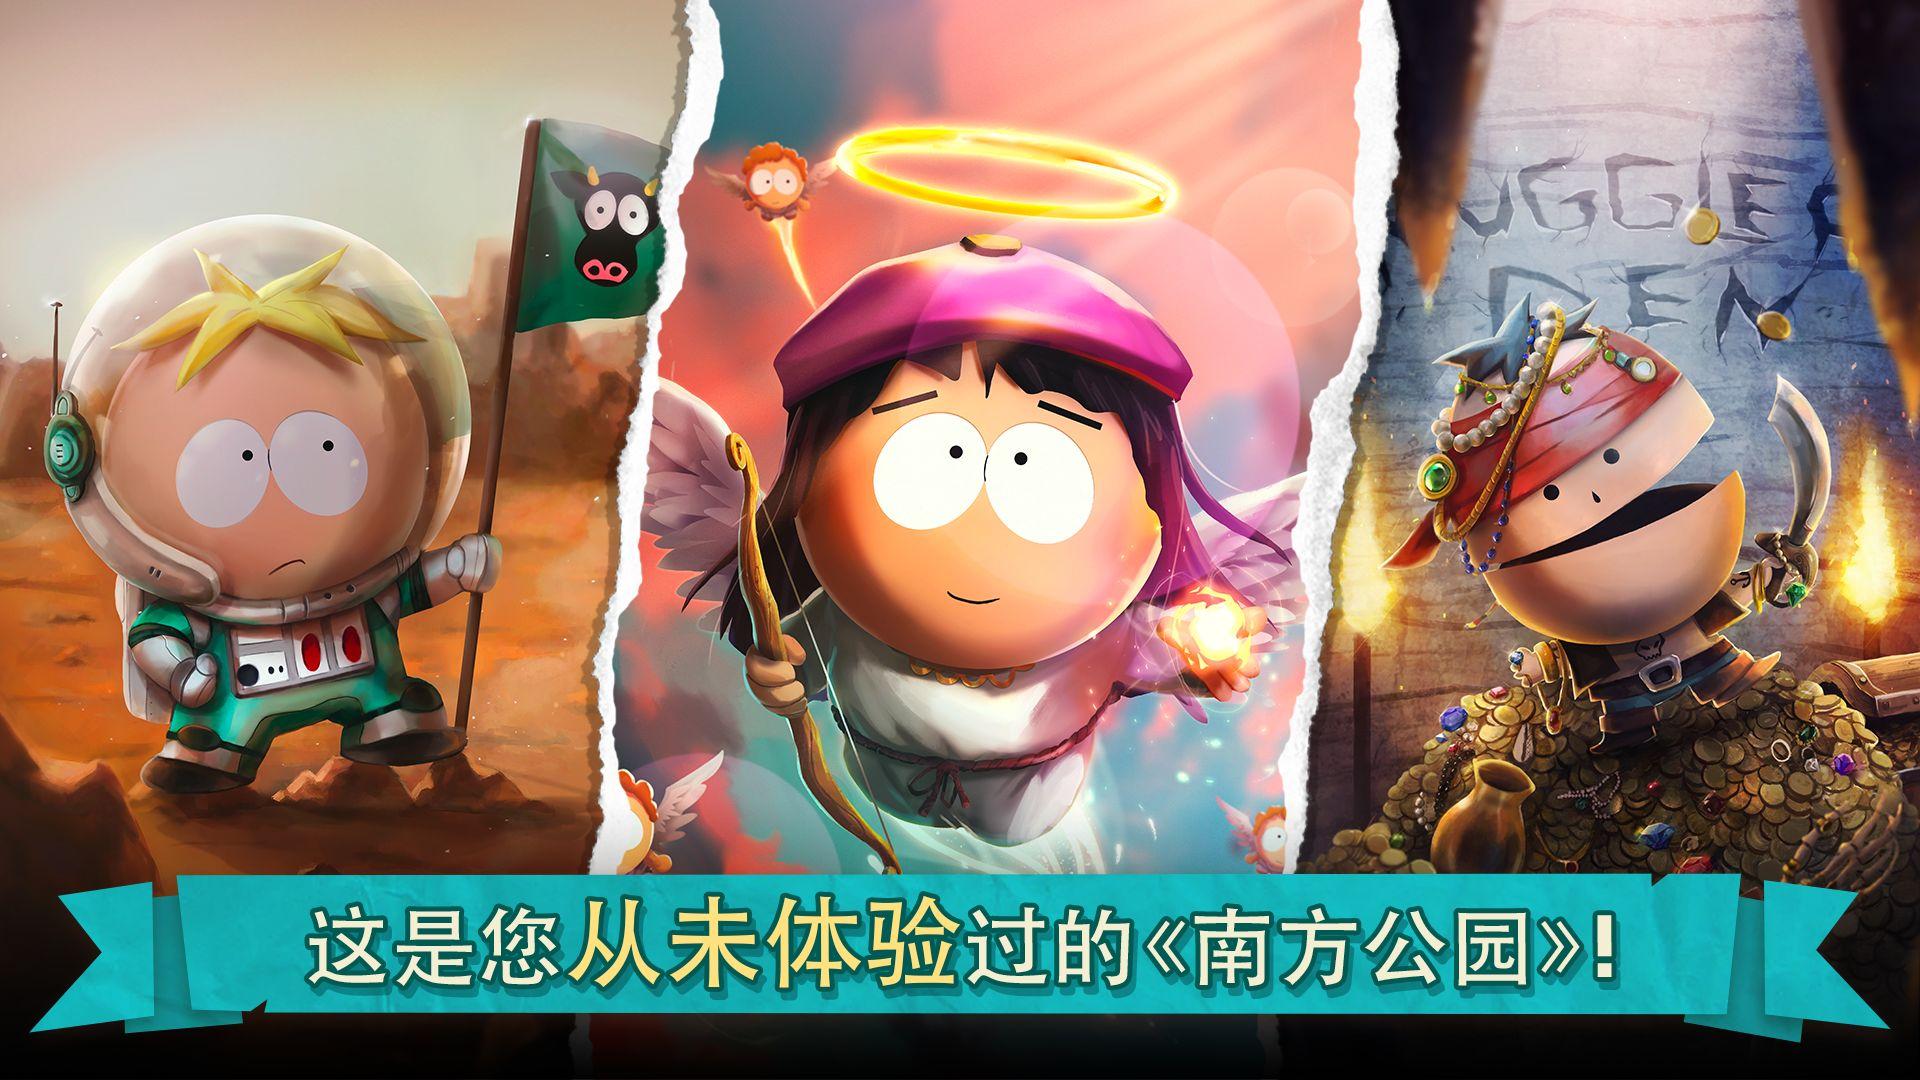 南方公园:手机毁灭者(South Park: Phone Destroyer™) 游戏截图5